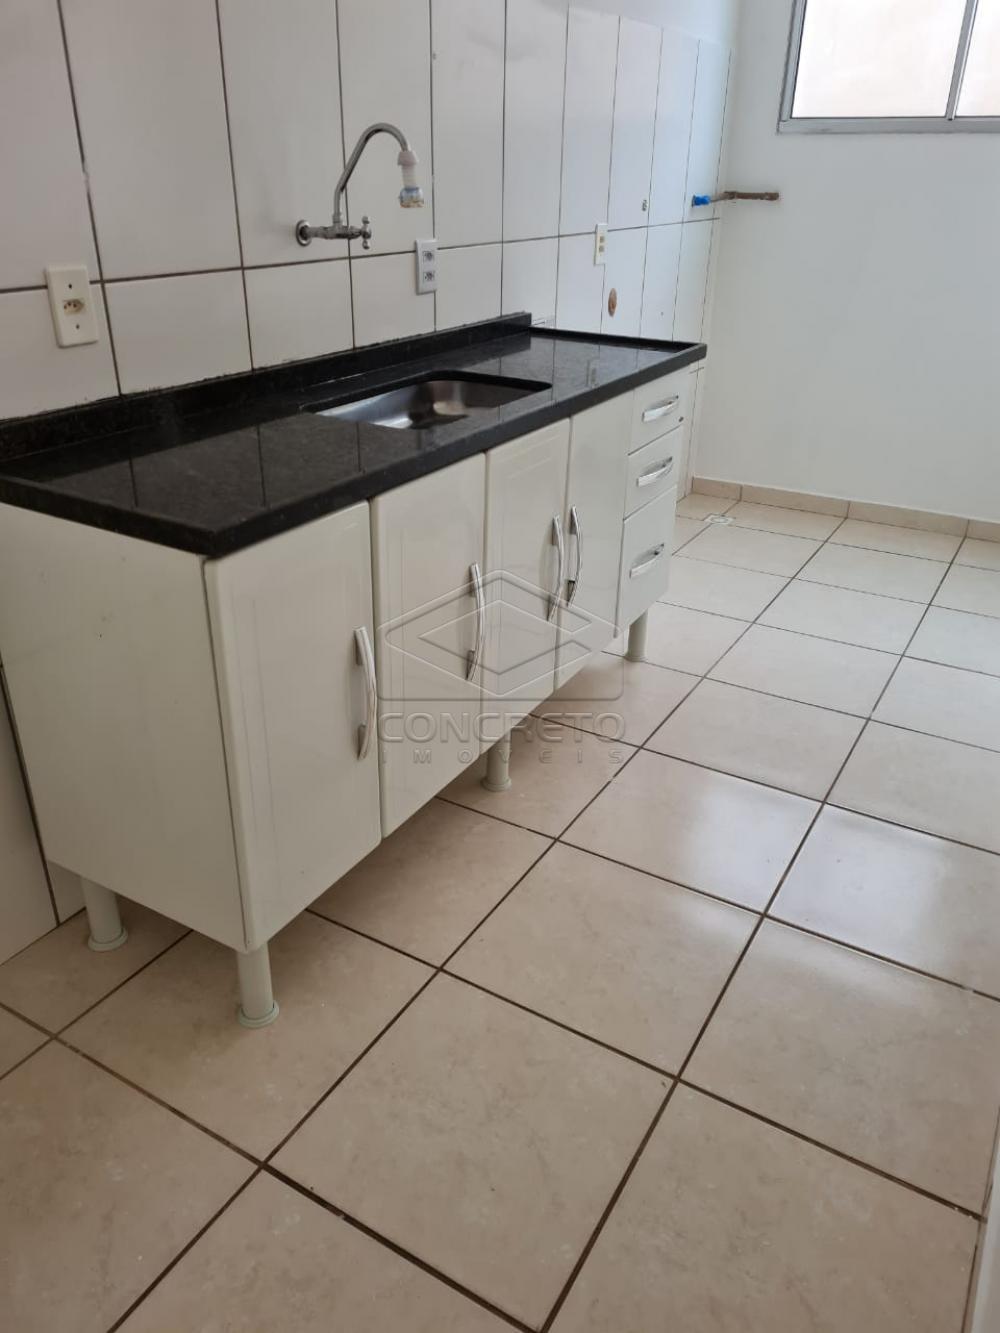 Alugar Apartamento / Padrão em Bauru apenas R$ 650,00 - Foto 19